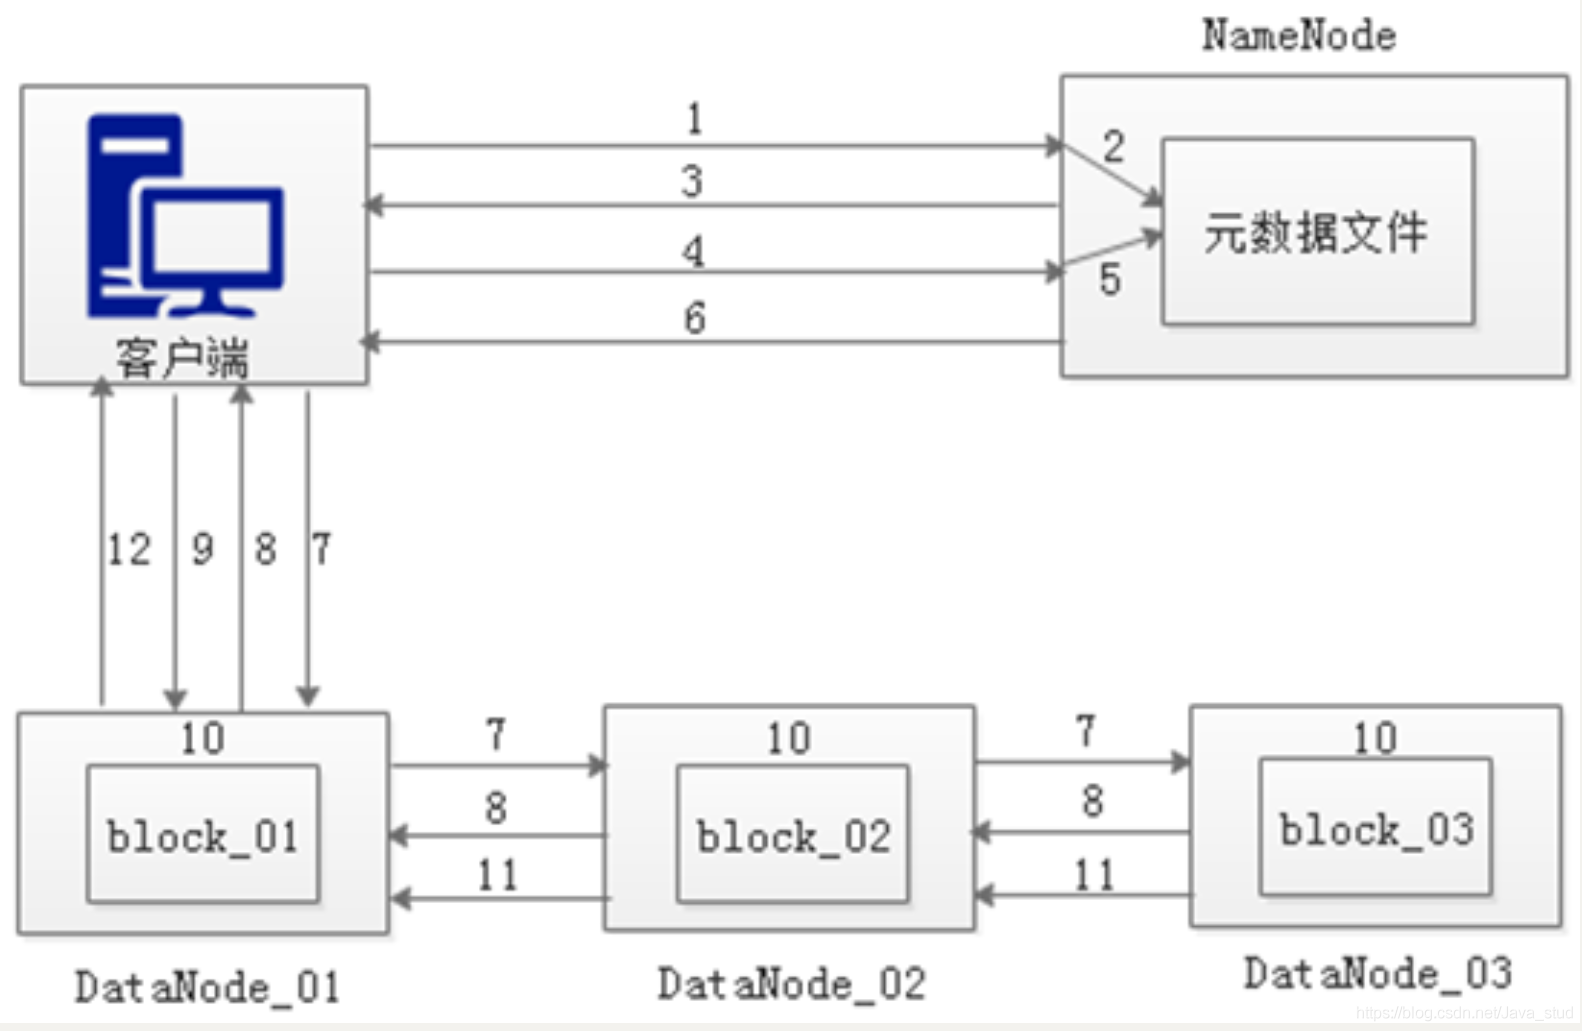 [外链图片转存失败,源站可能有防盗链机制,建议将图片保存下来直接上传(img-iLUVfqun-1600743046745)(hadoop.assets/image-20200904112035591.png)]